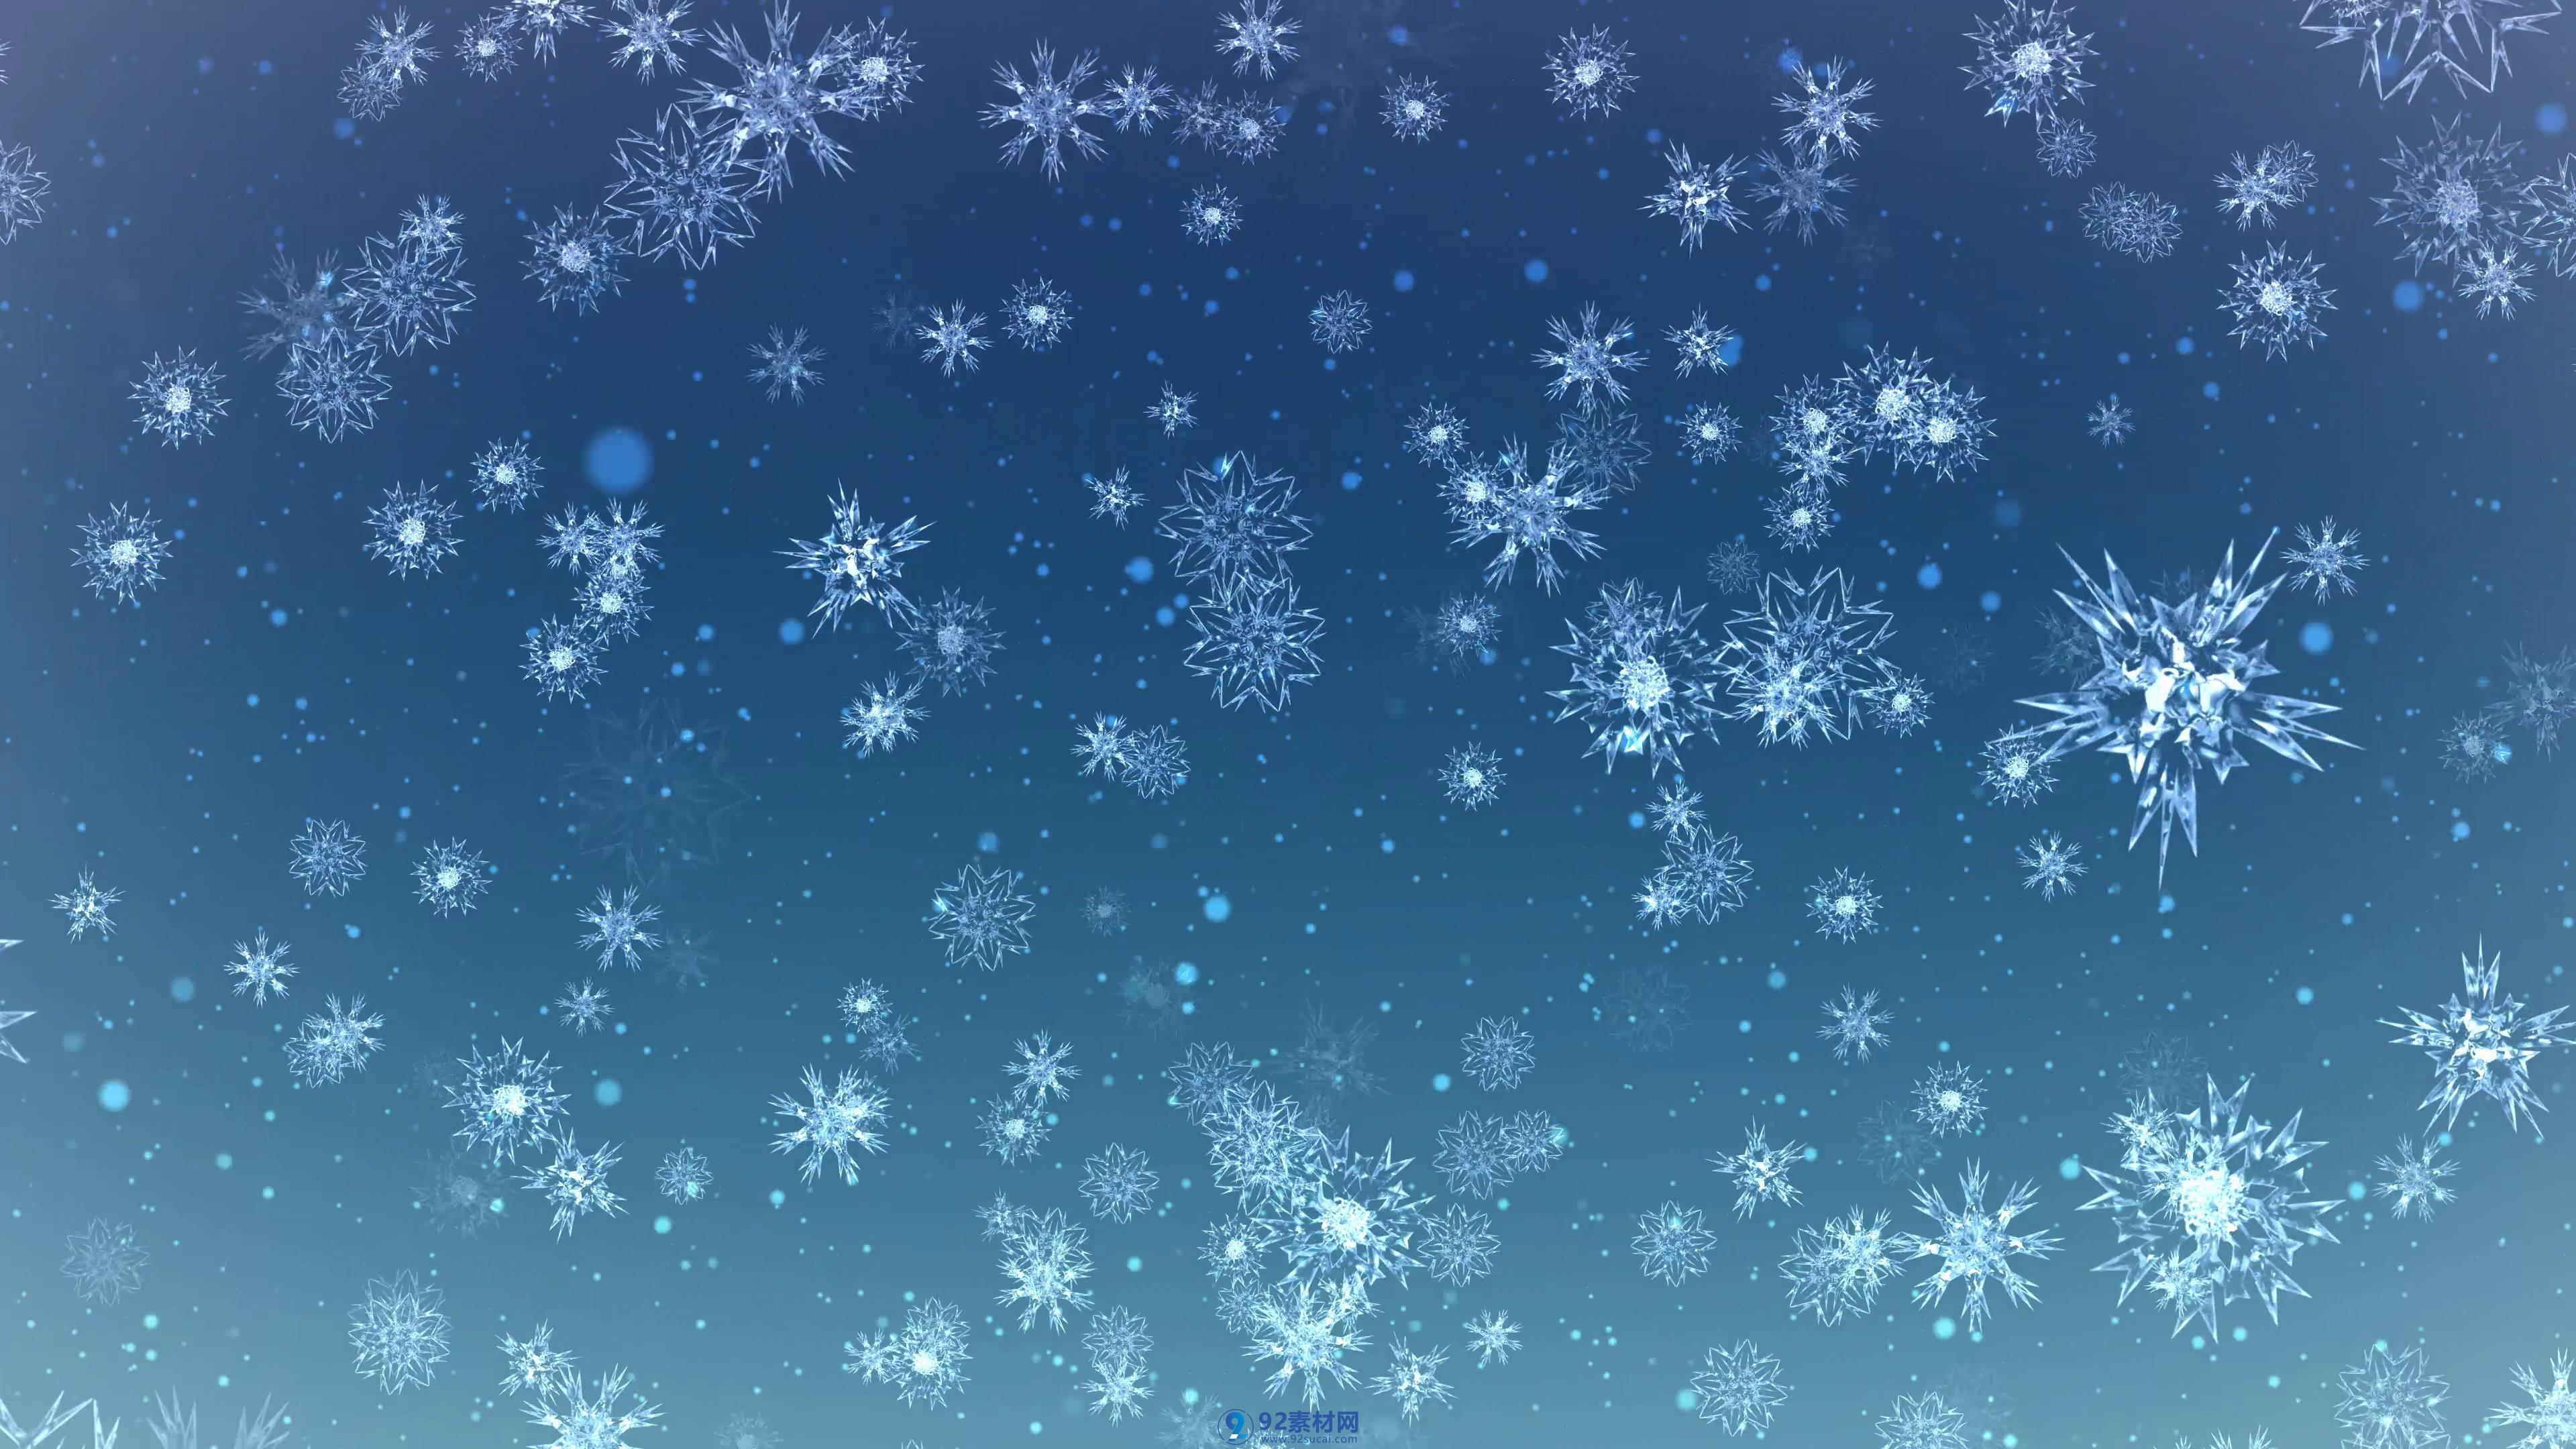 蓝色背景逼真冰晶雪花飘落视频素材